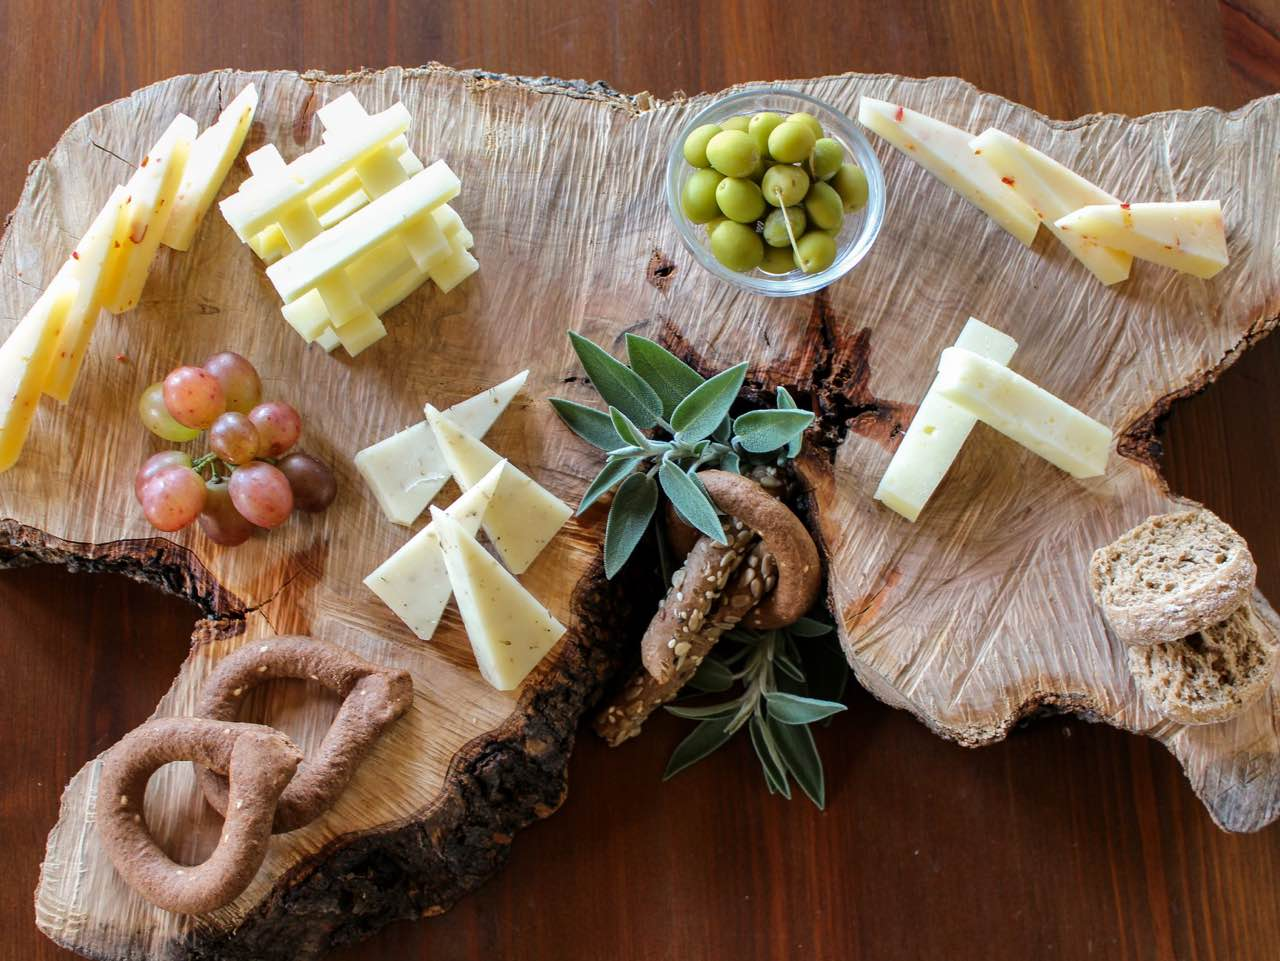 Cretan Breakfast In Nature?